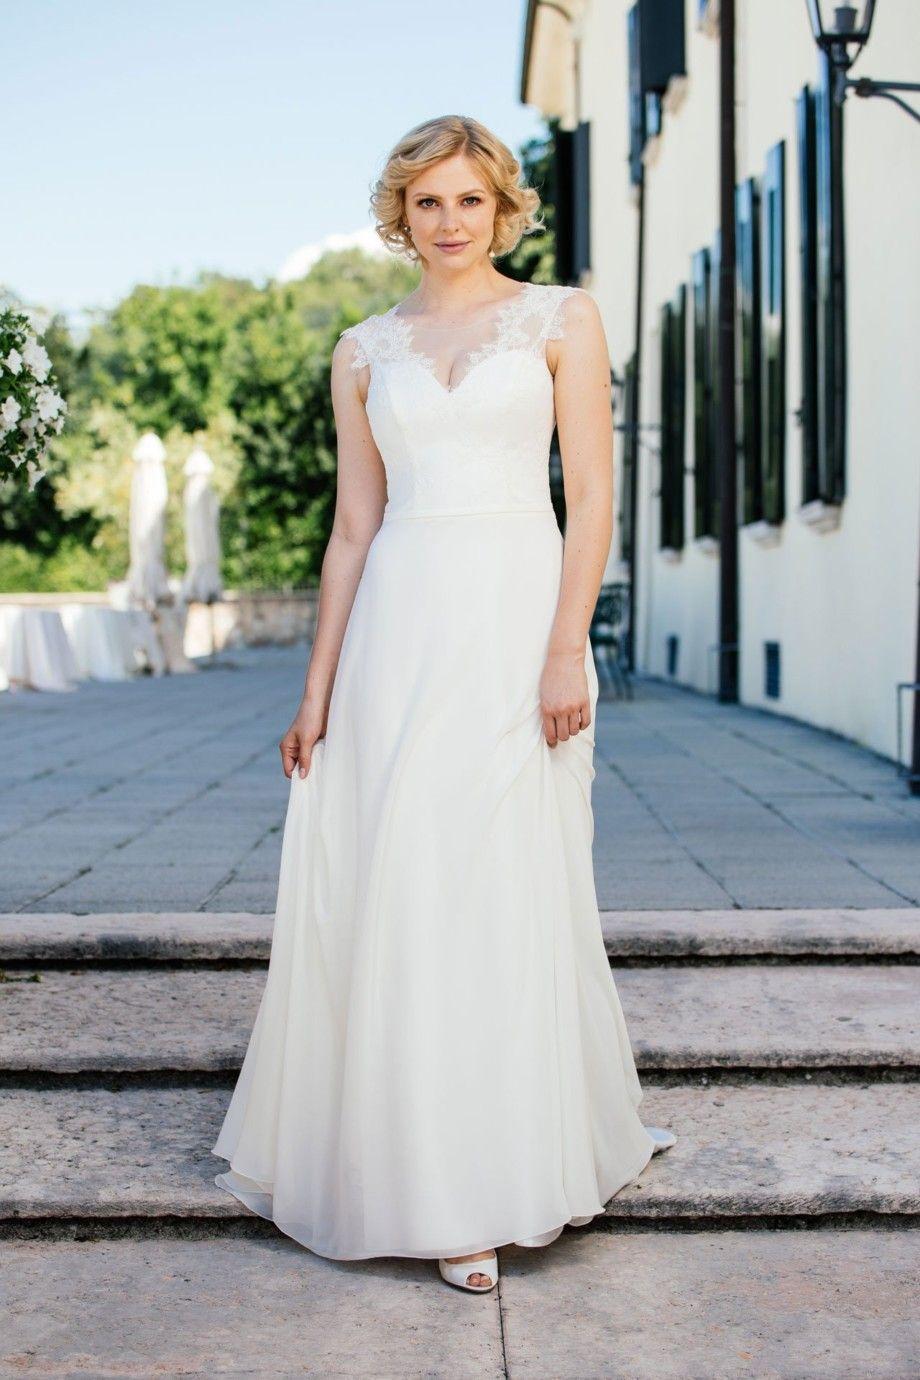 Sexy Brautkleid – tiefe Spitzencorsage mit Herzausschnitt – Pina ...